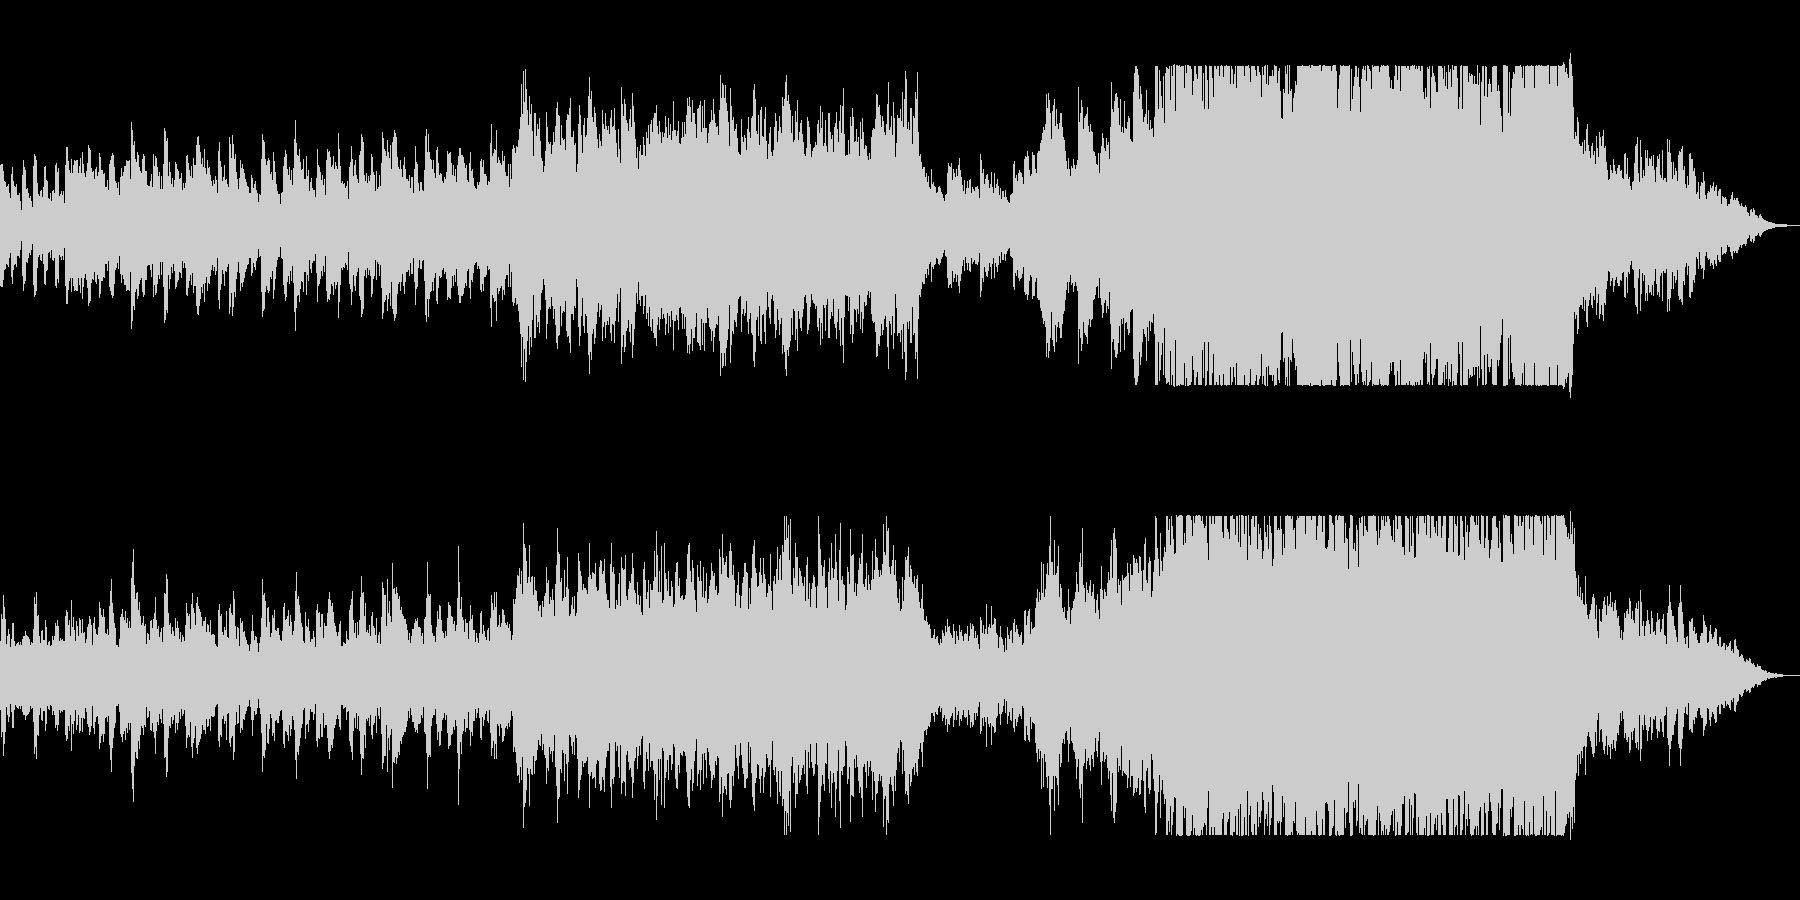 壮大なデジタル・オーケストラサウンドの未再生の波形